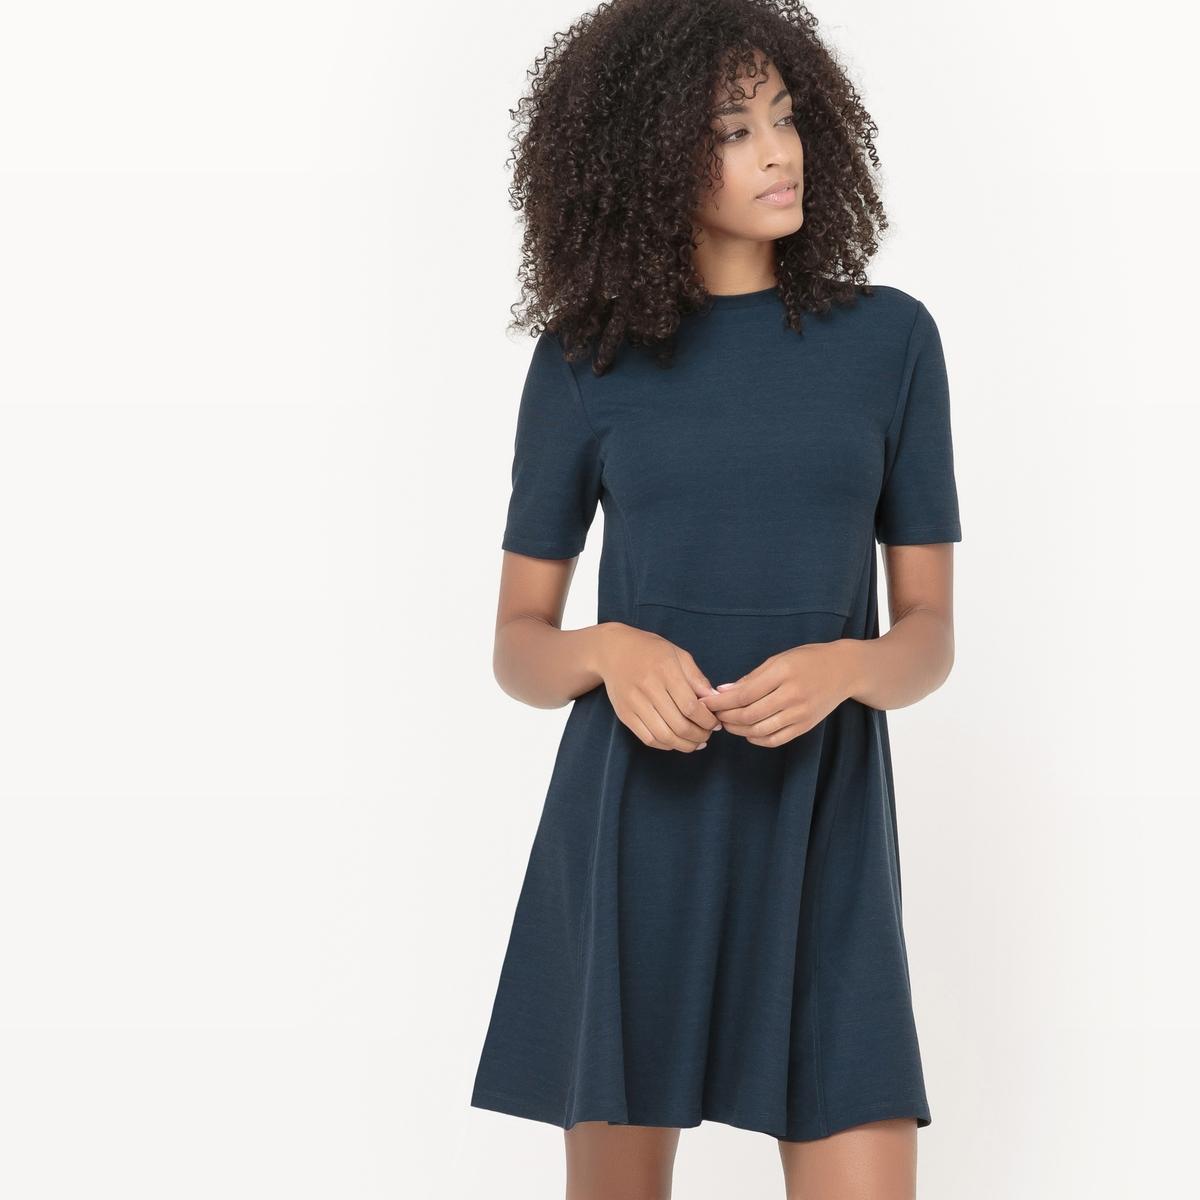 Платье расклешенное Vibel S/S DressСостав и описание : Материал       65% полиэстера, 35% хлопка  Марка       VILA  Уход :- Машинная стирка при 30°C с вещами схожих цветов.<br><br>Цвет: темно-синий<br>Размер: M.S